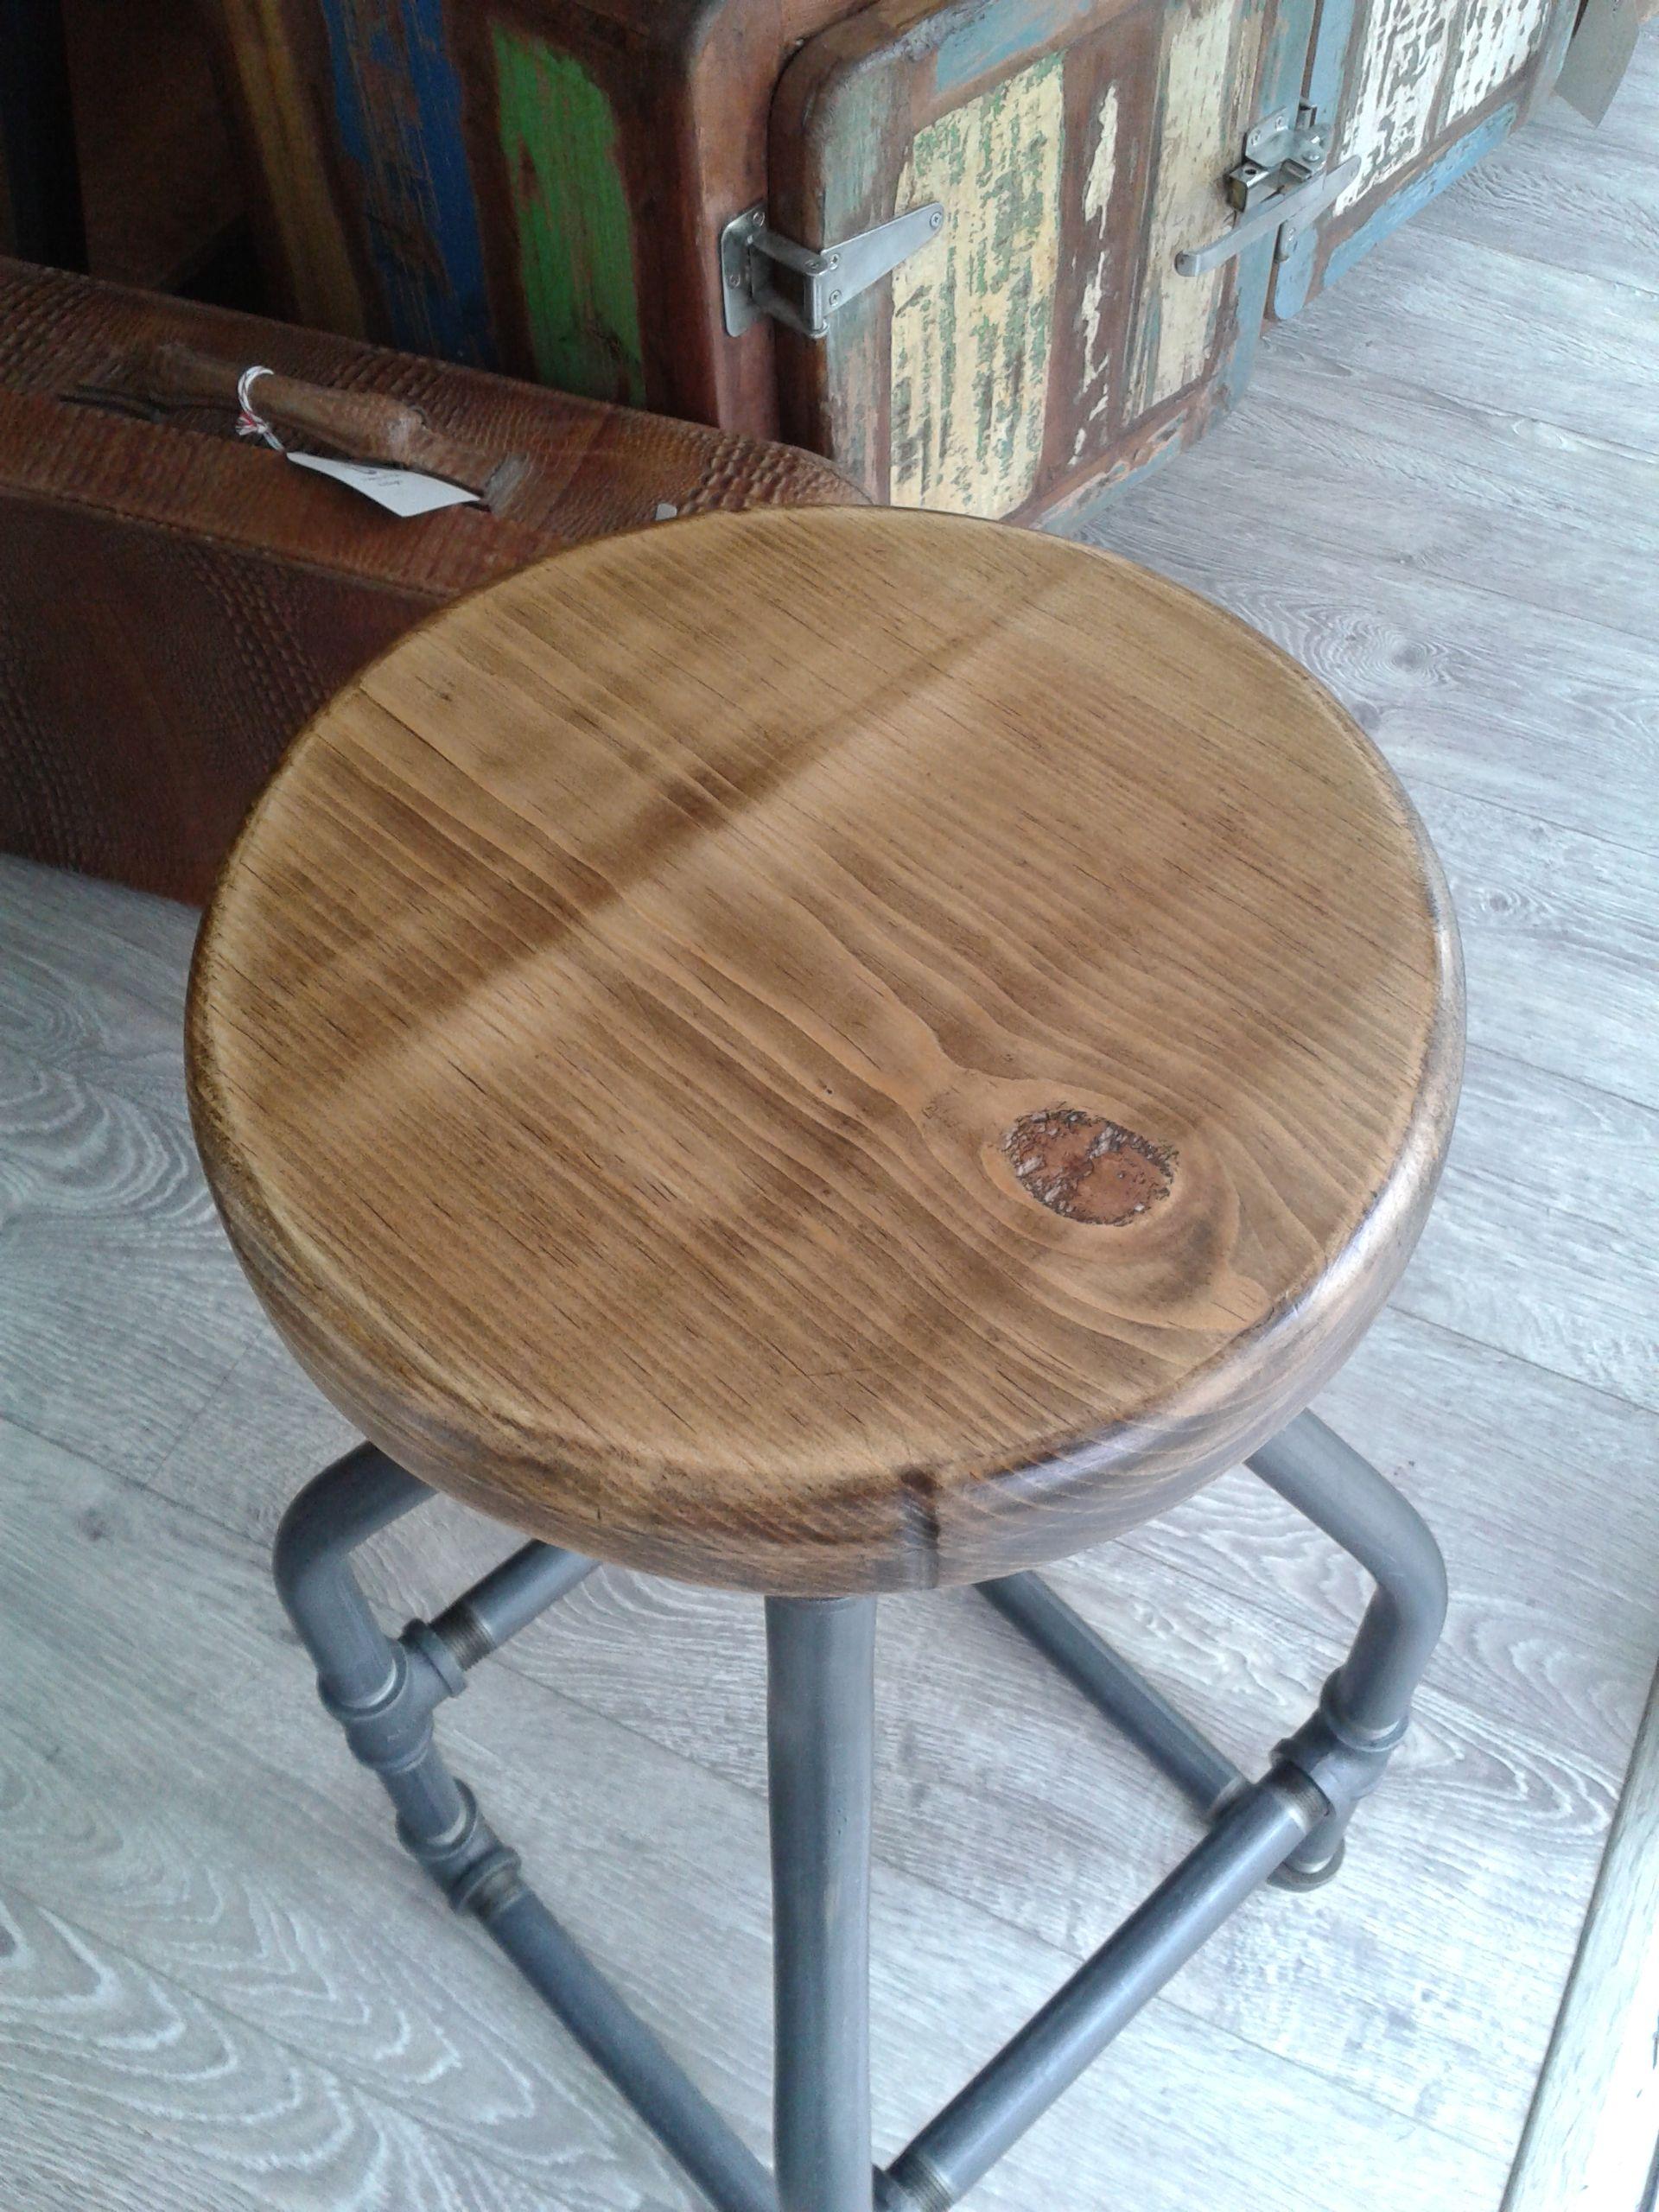 Nuevo taburete Pipeline. Fabricado con tuberia reciclada y madera de pino. Disponible ya en Ünik Vintage Furniture. Puedes verlo en Expo Habitat 2014 en WTC de la Ciudad de México.